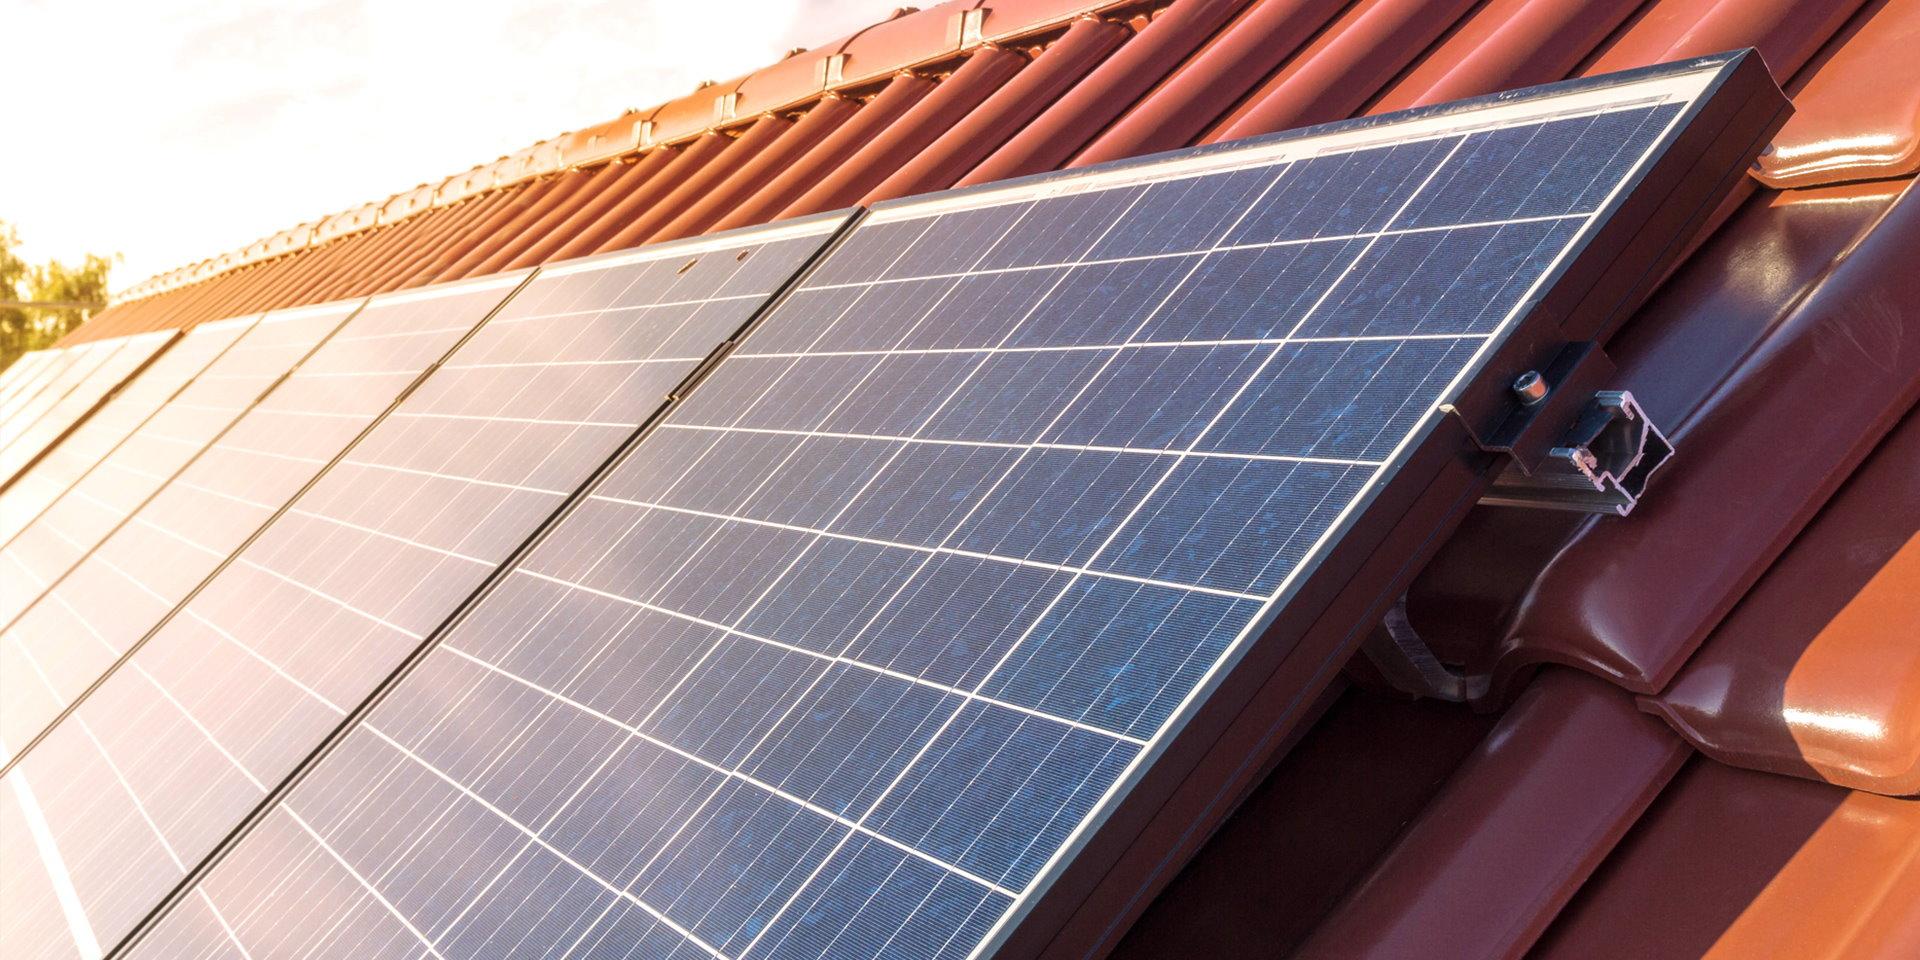 Photovoltaik-Anlage (PVA) | Stadtwerke Olching